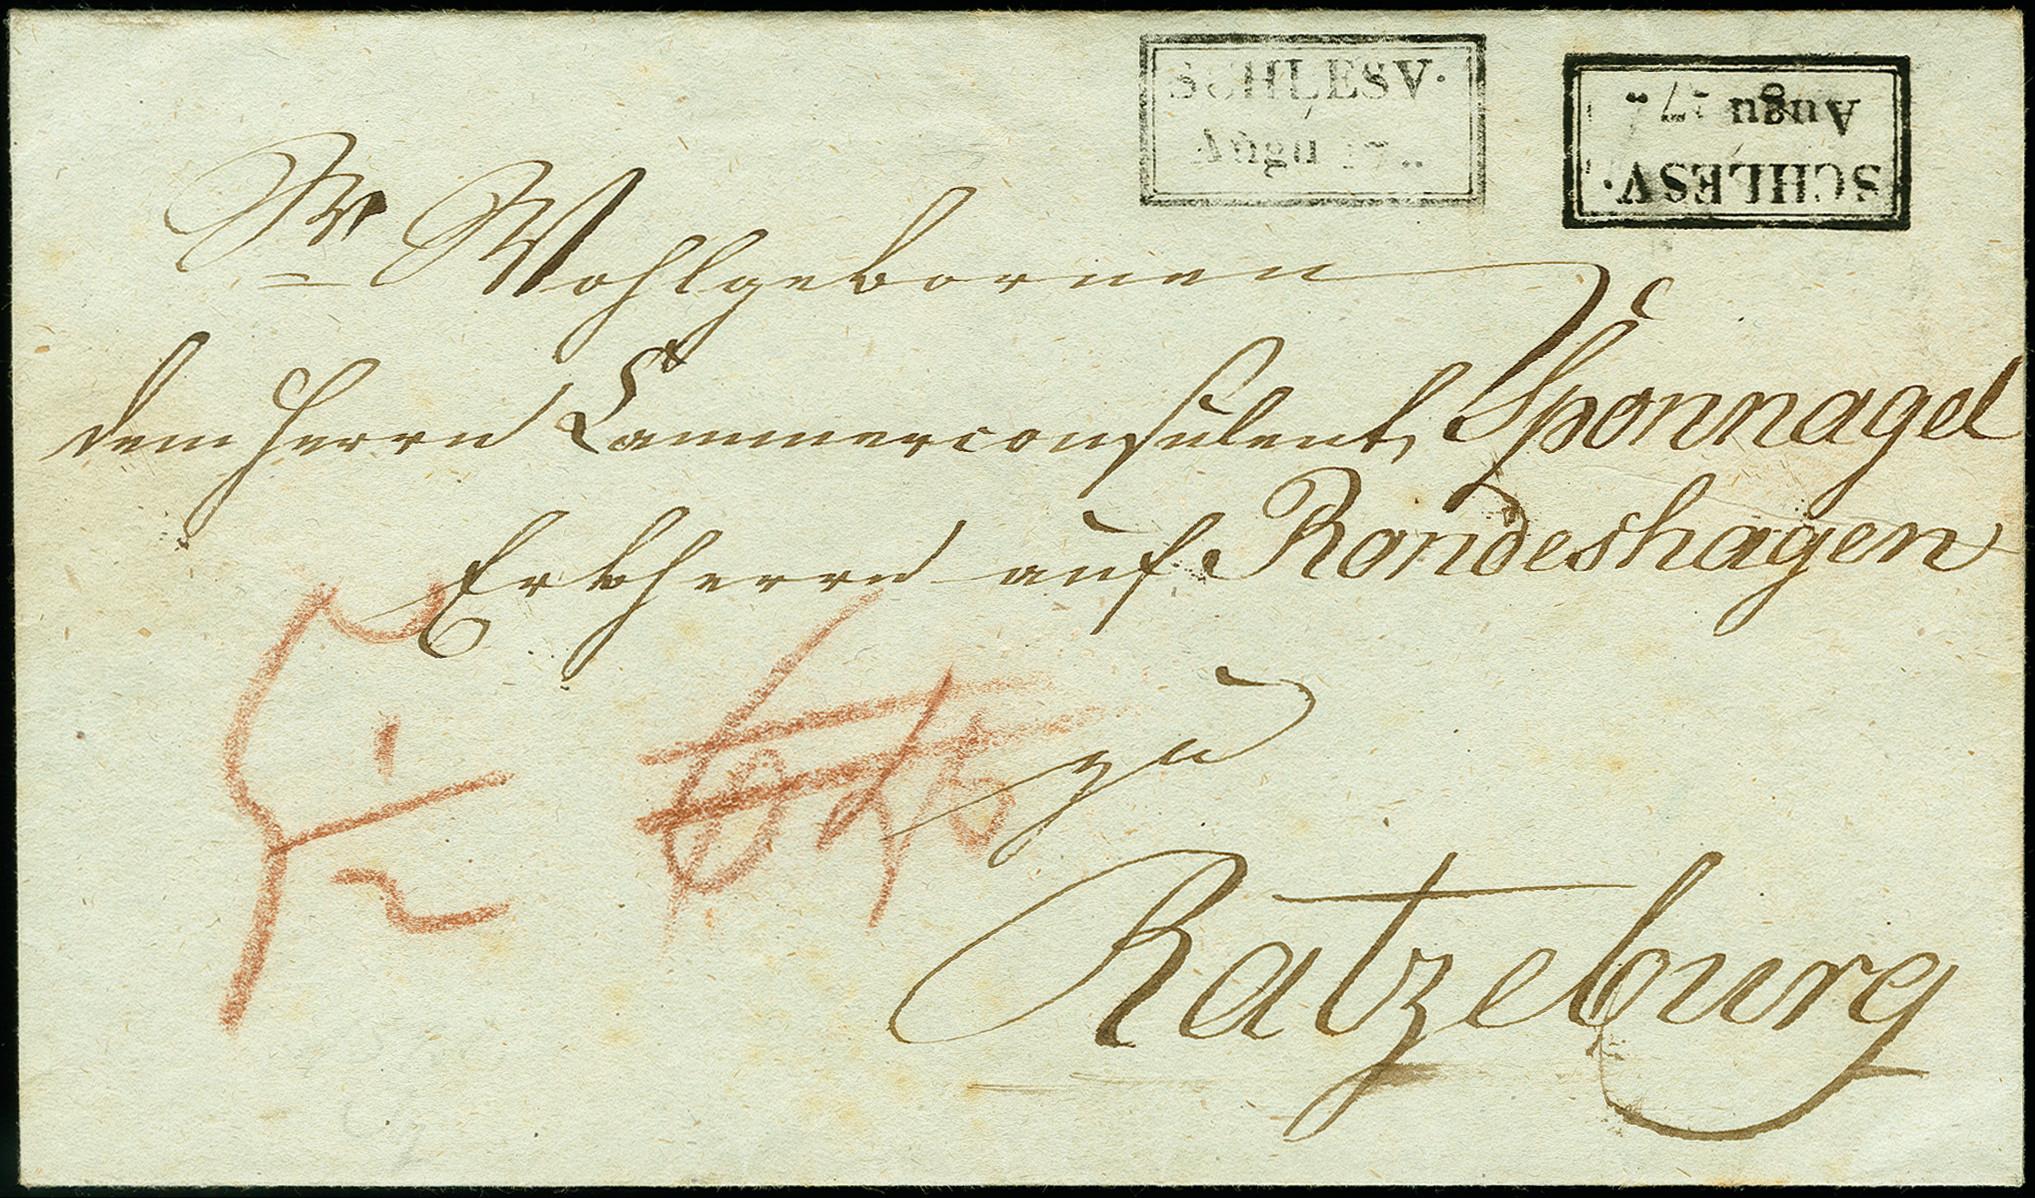 Lot 9015 - Altdeutsche Staaten schleswig-holstein -  Heinrich Koehler Auktionen 375rd Heinrich Köhler auction - Day 5